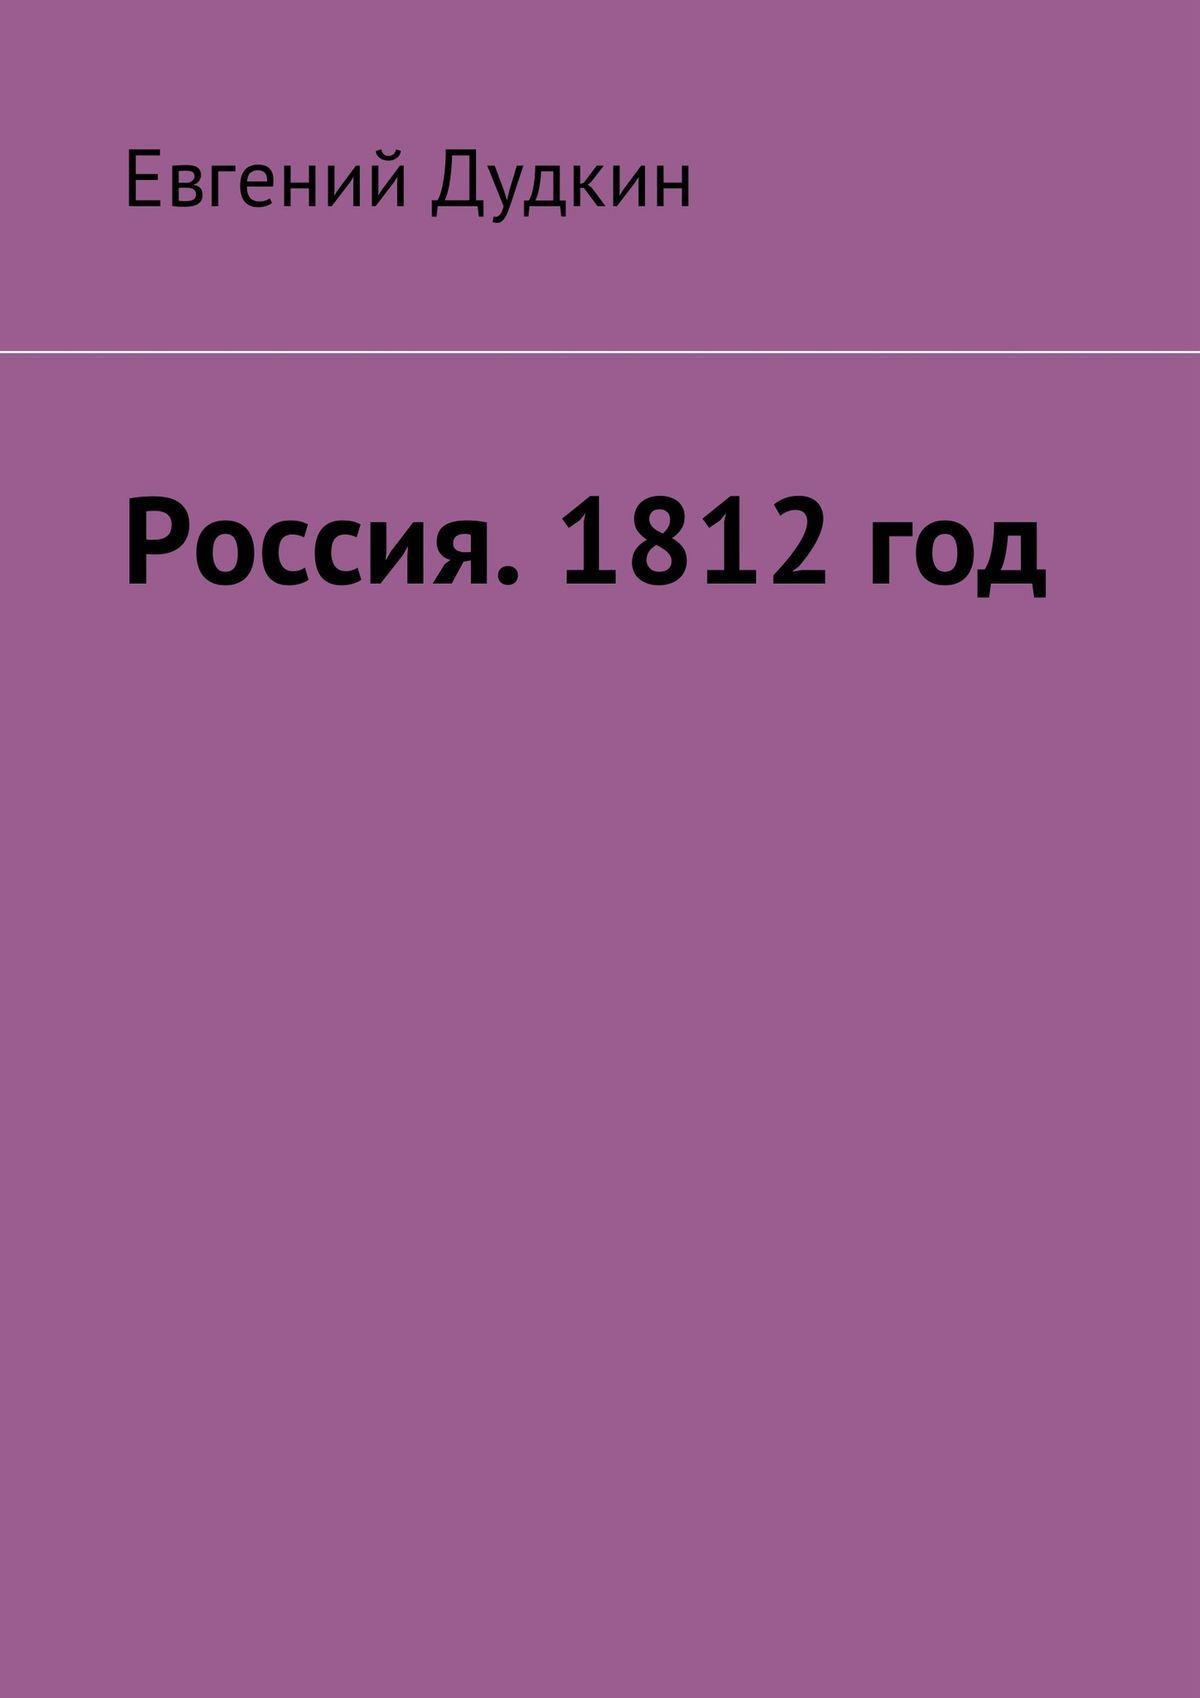 Евгений Васильевич Дудкин Россия. 1812 год. За веру и Отечество! 1812 год воспоминания воинов русской армии